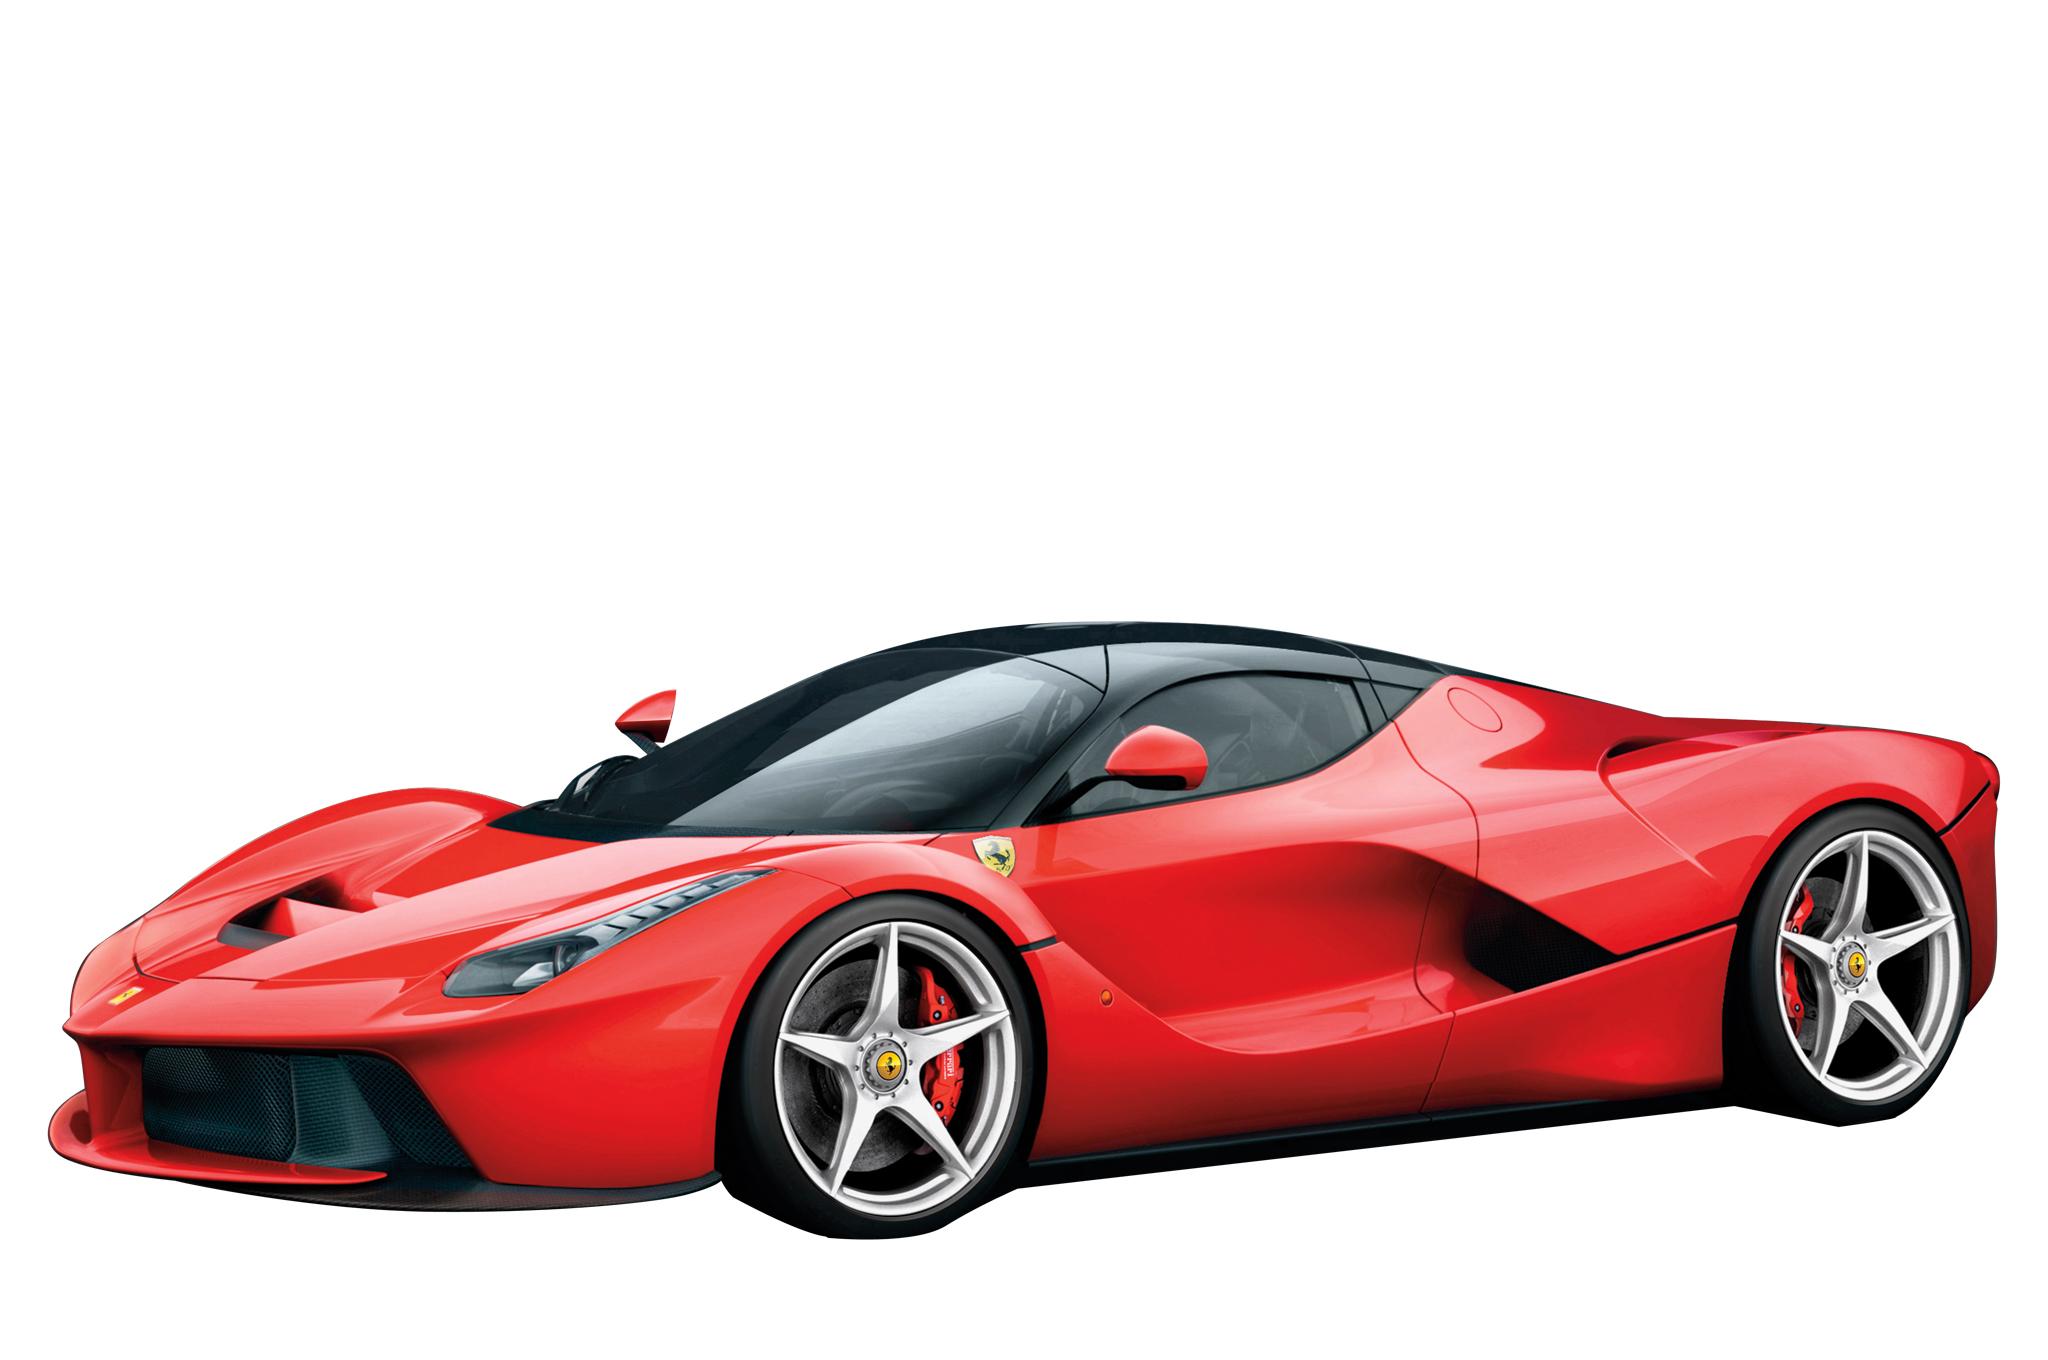 Ferrari LaFerrari Reviews: Research New & Used Models   Motor Trend